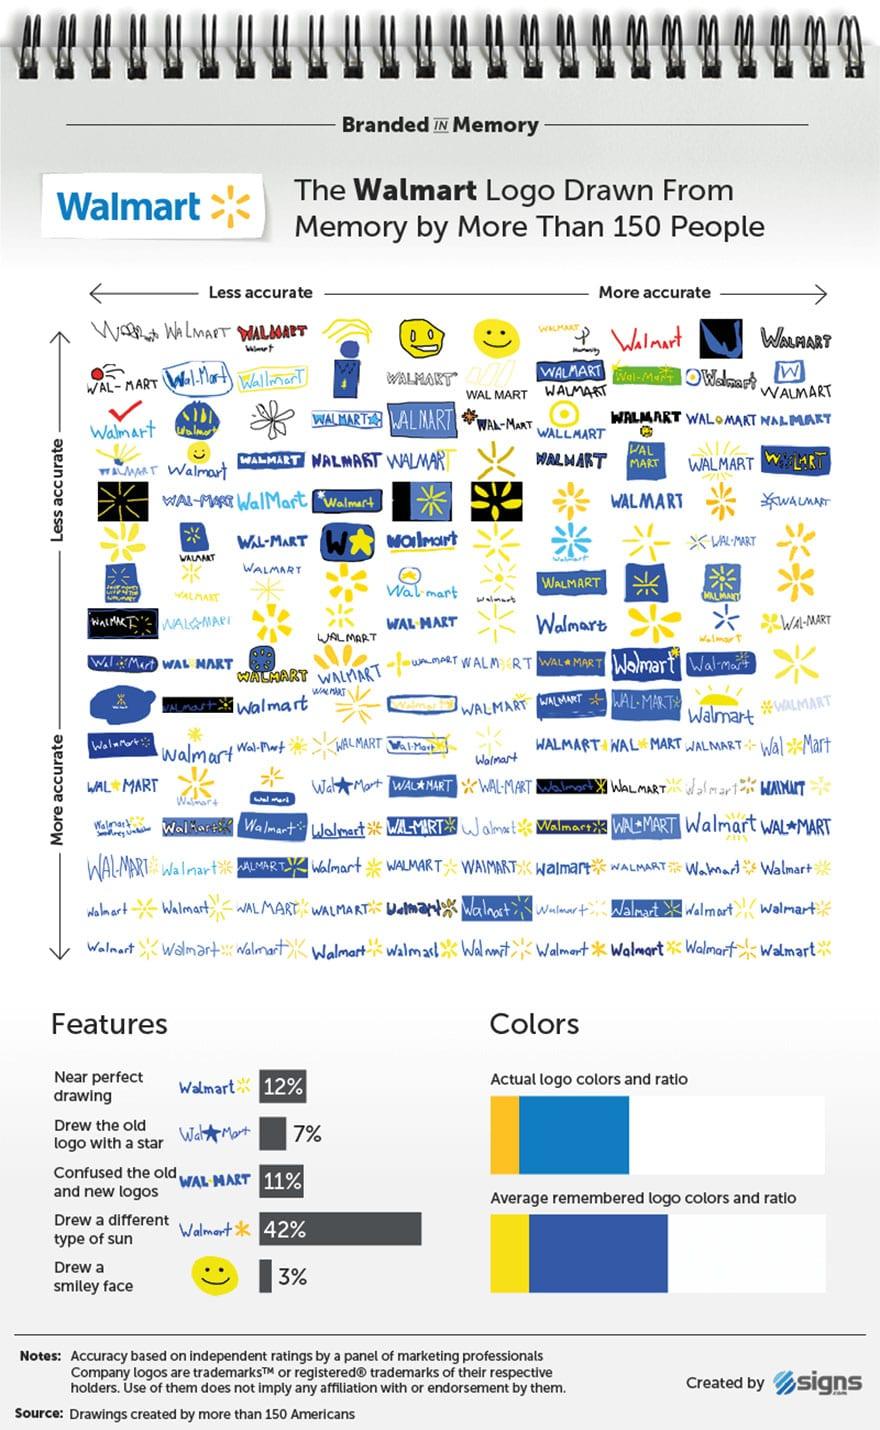 famous brand logos drawn from memory 27 59d24678dc47b  880 - Více než 150 lidí se pokusilo nakreslit 10 velmi slavných log zpaměti. Výsledky pobaví